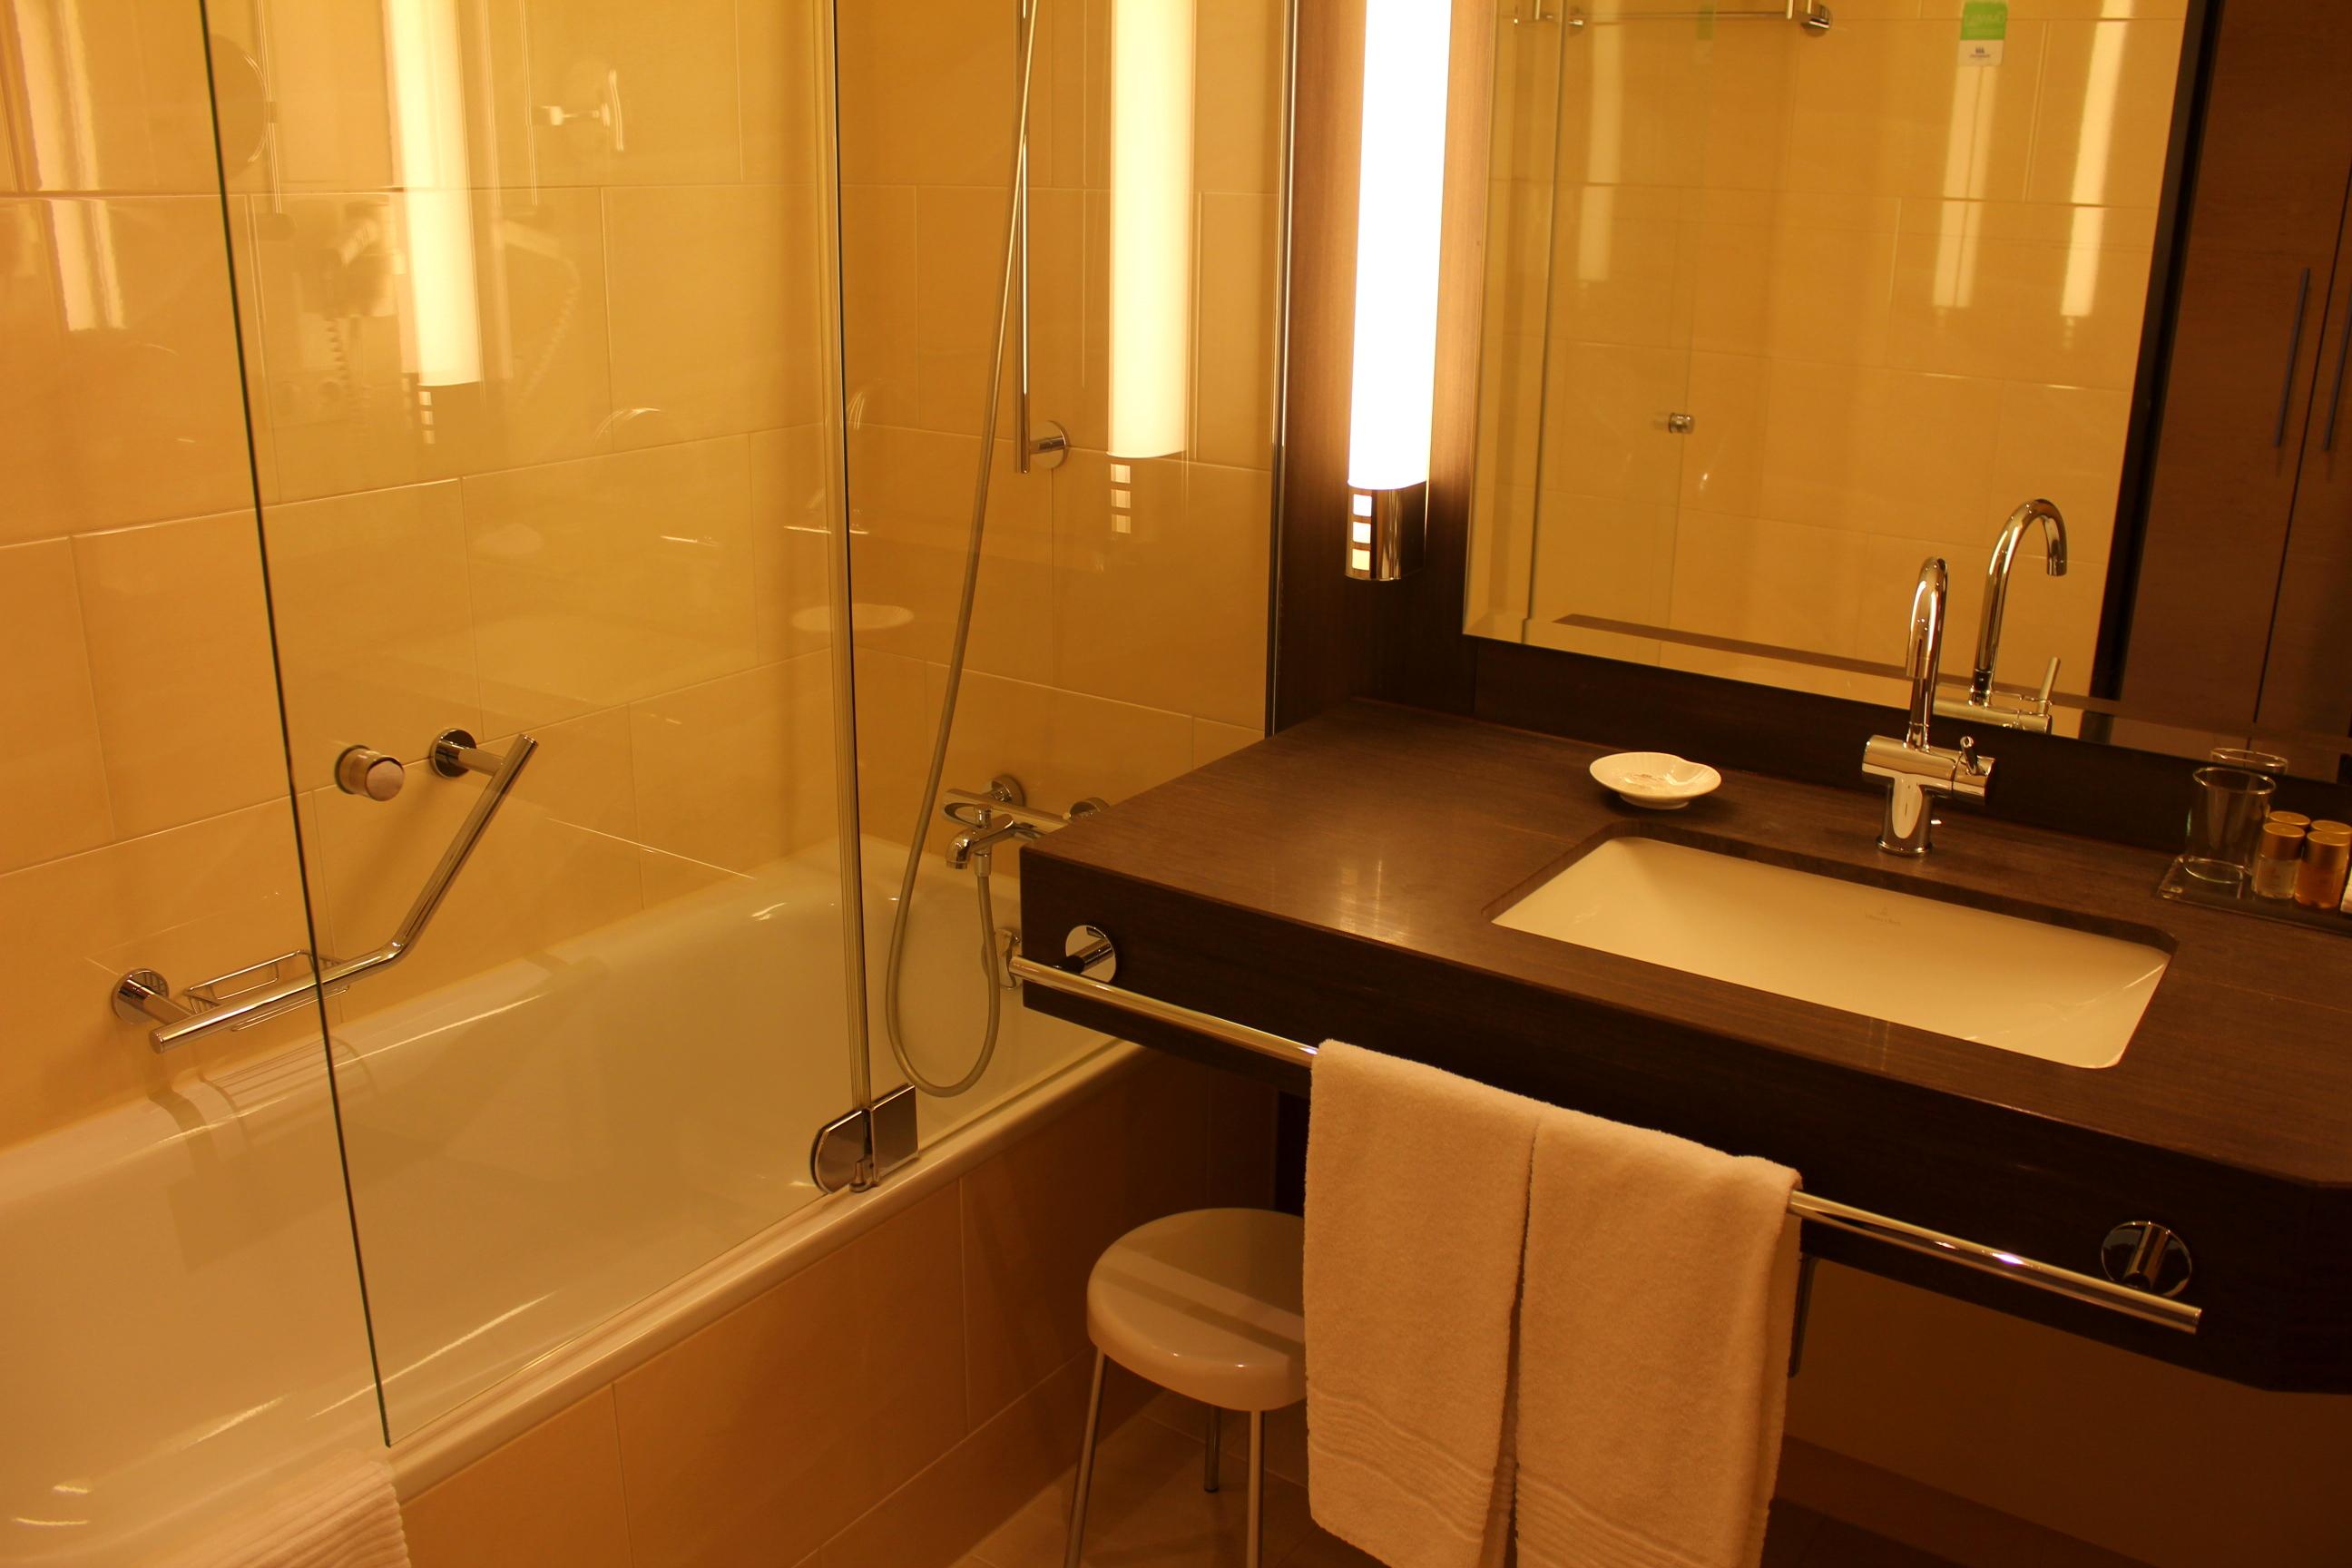 Nett Badewanne Rustikal ~ Holz in badezimmer für ideen badewanne waschbecken beleuchtung